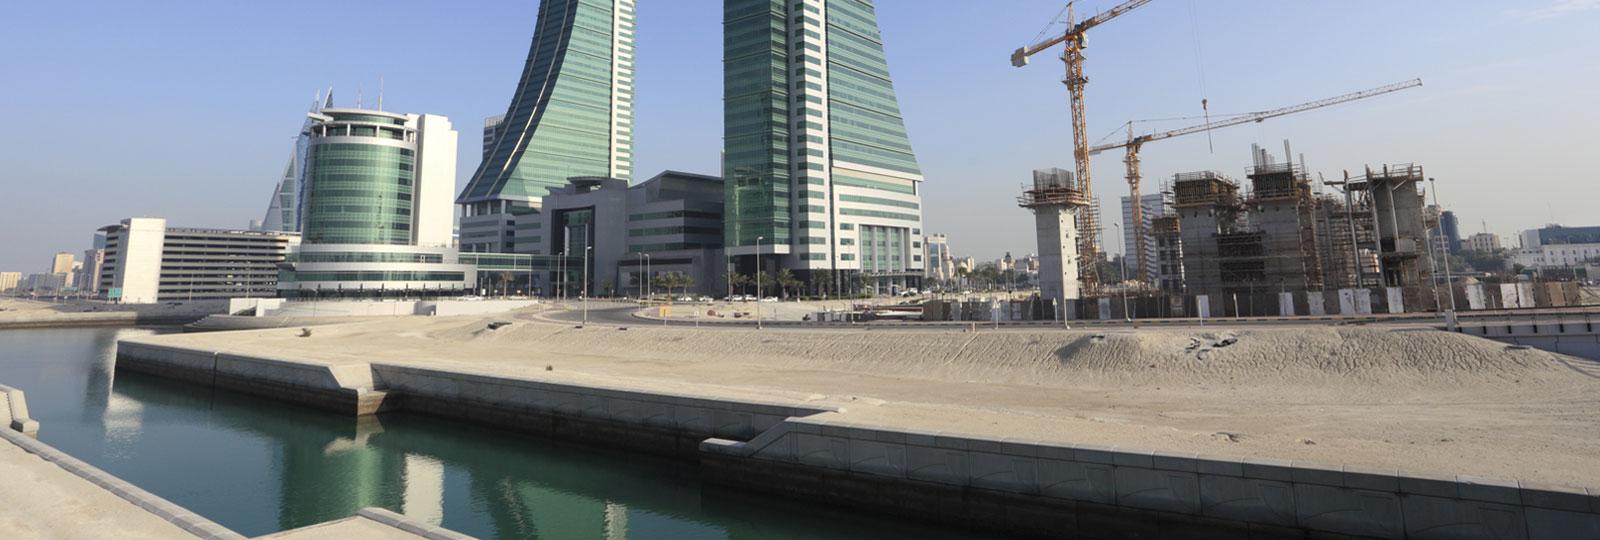 جسر الملك فهد في مملكة البحرين